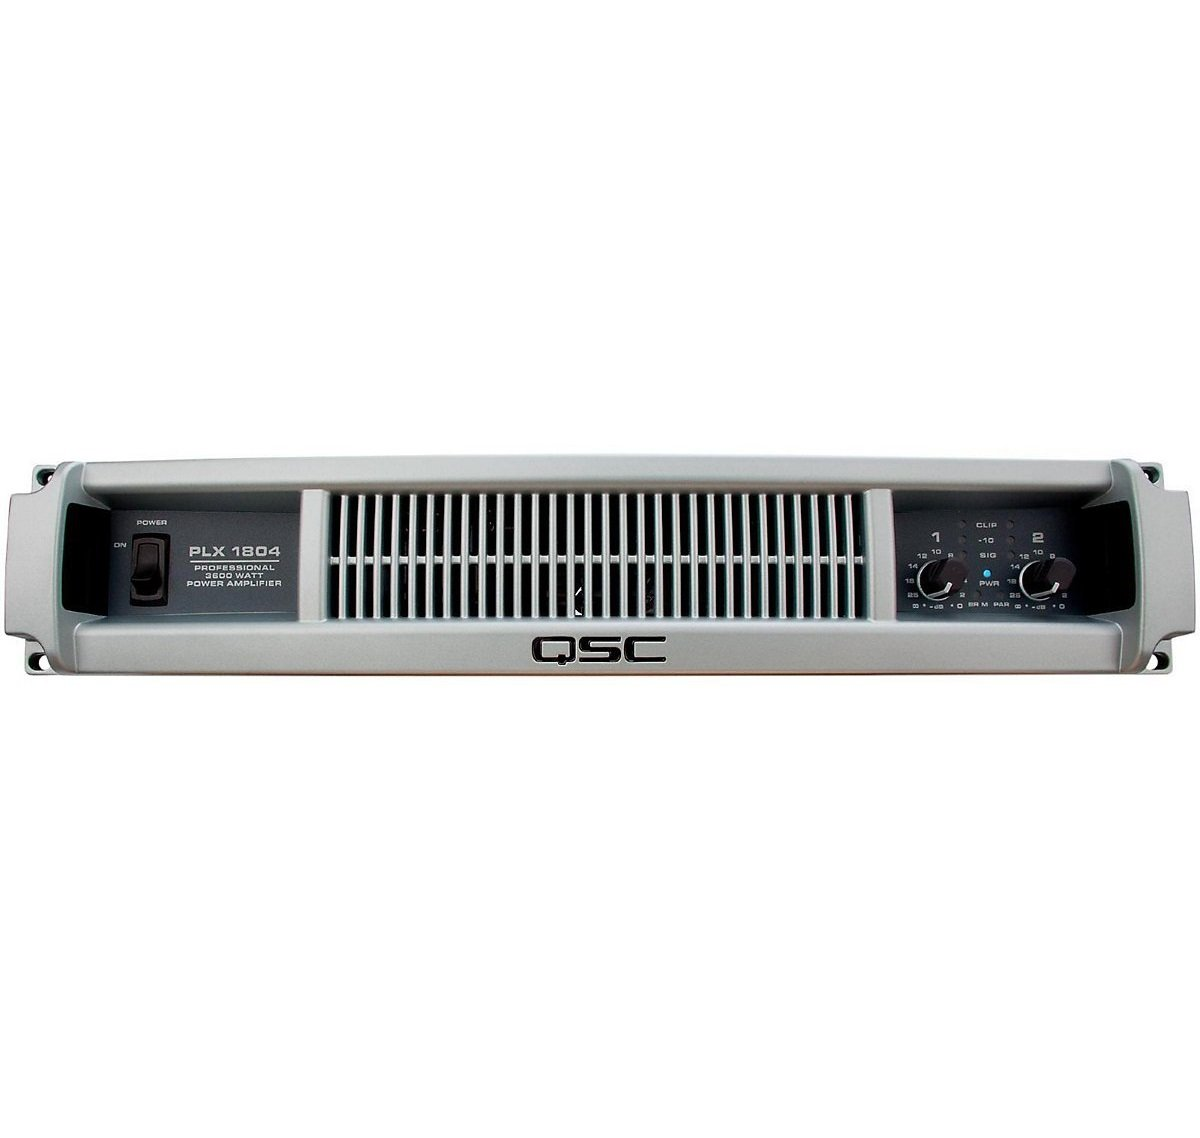 QSC PLX1804 Lightweight Power Amplifier by QSC